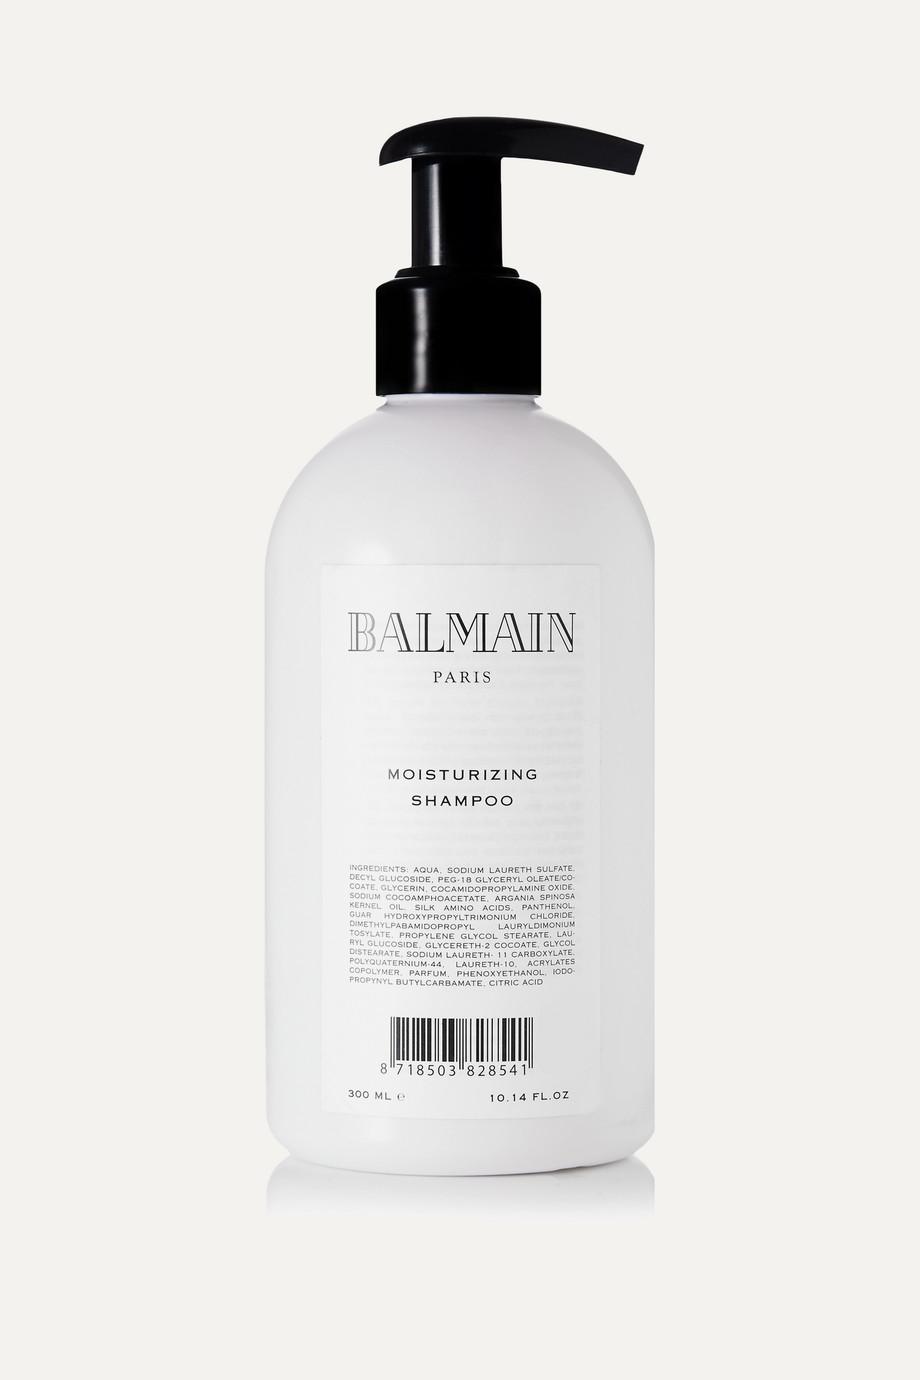 Balmain Paris Hair Couture Moisturizing Shampoo, 300ml